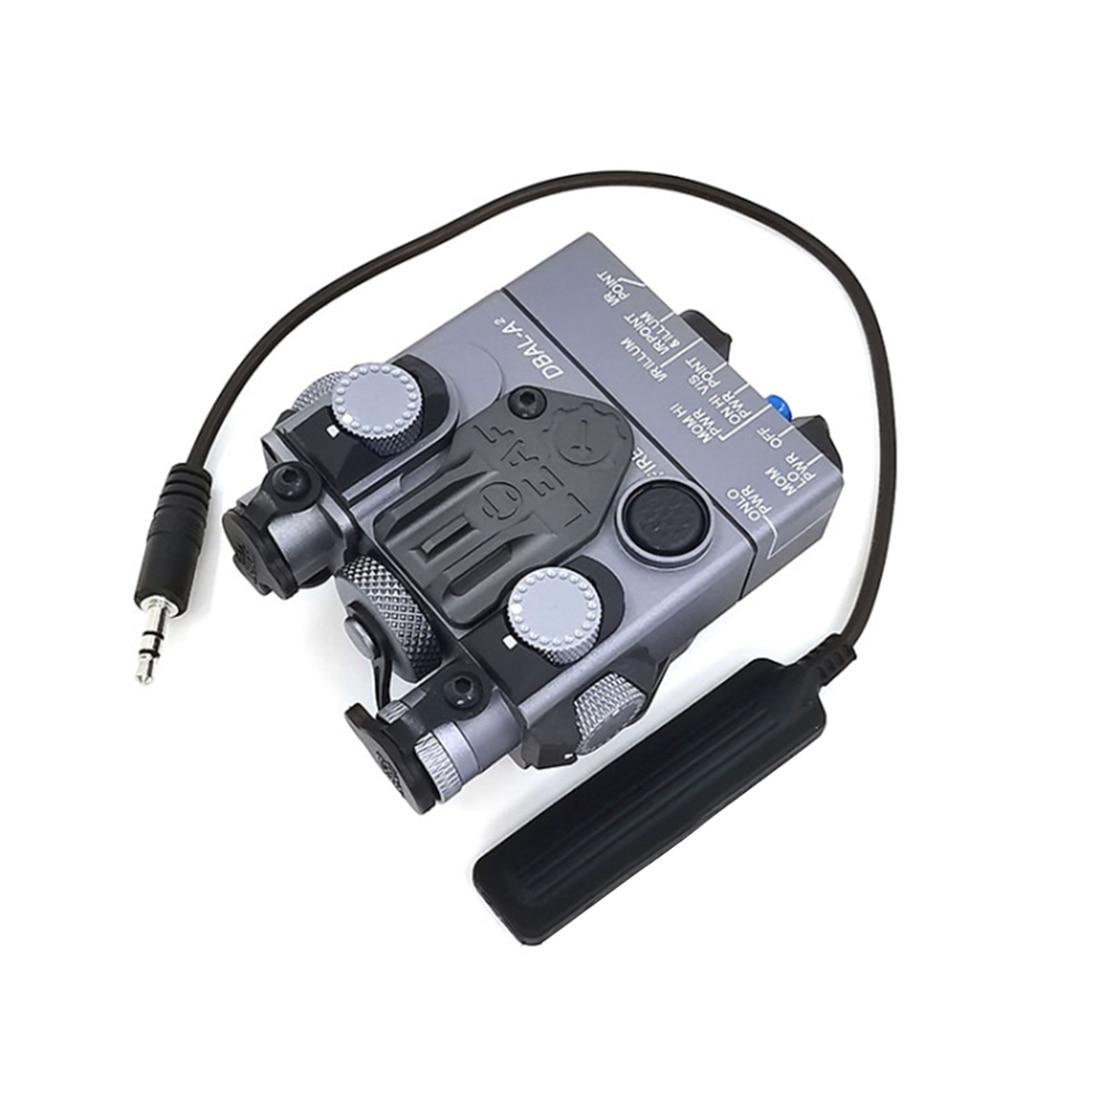 SoTac visión nocturna IR PEQ15 dbal a2 láser mirilla apuntada batería caja equipo táctico para exterior Airsoft-LED linterna versión